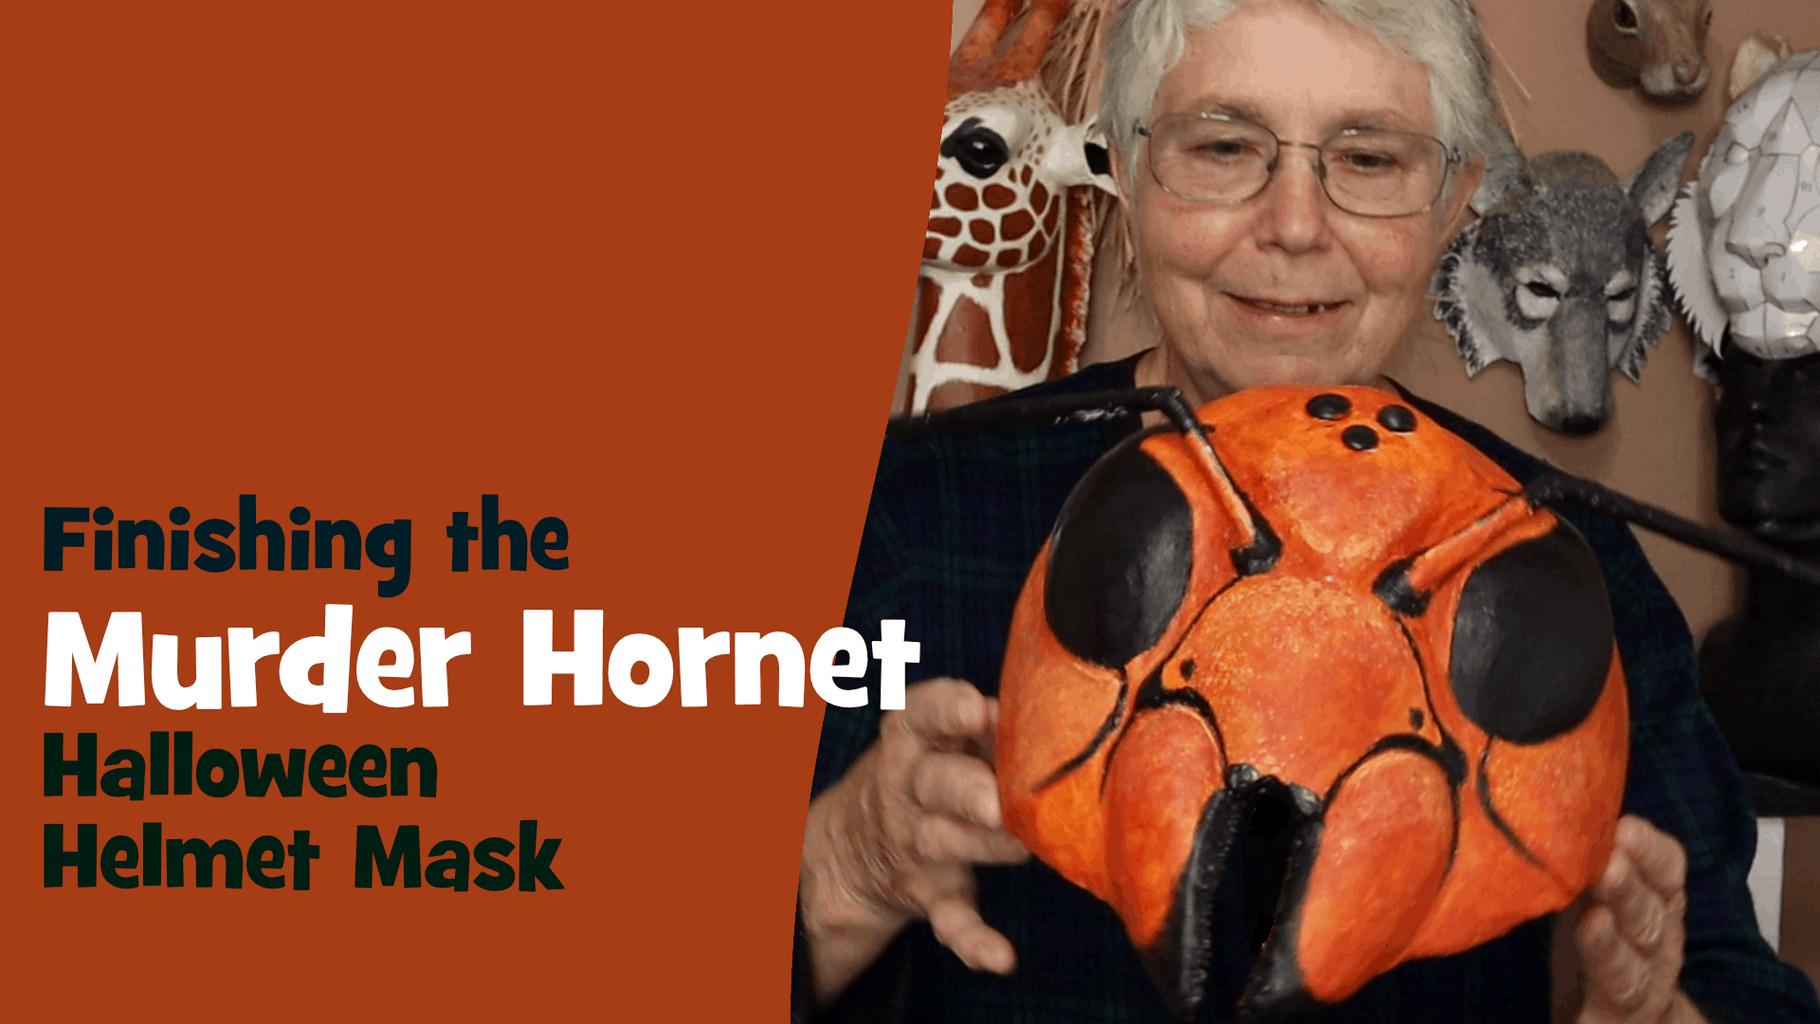 Murder Hornet Halloween Helmet Mask